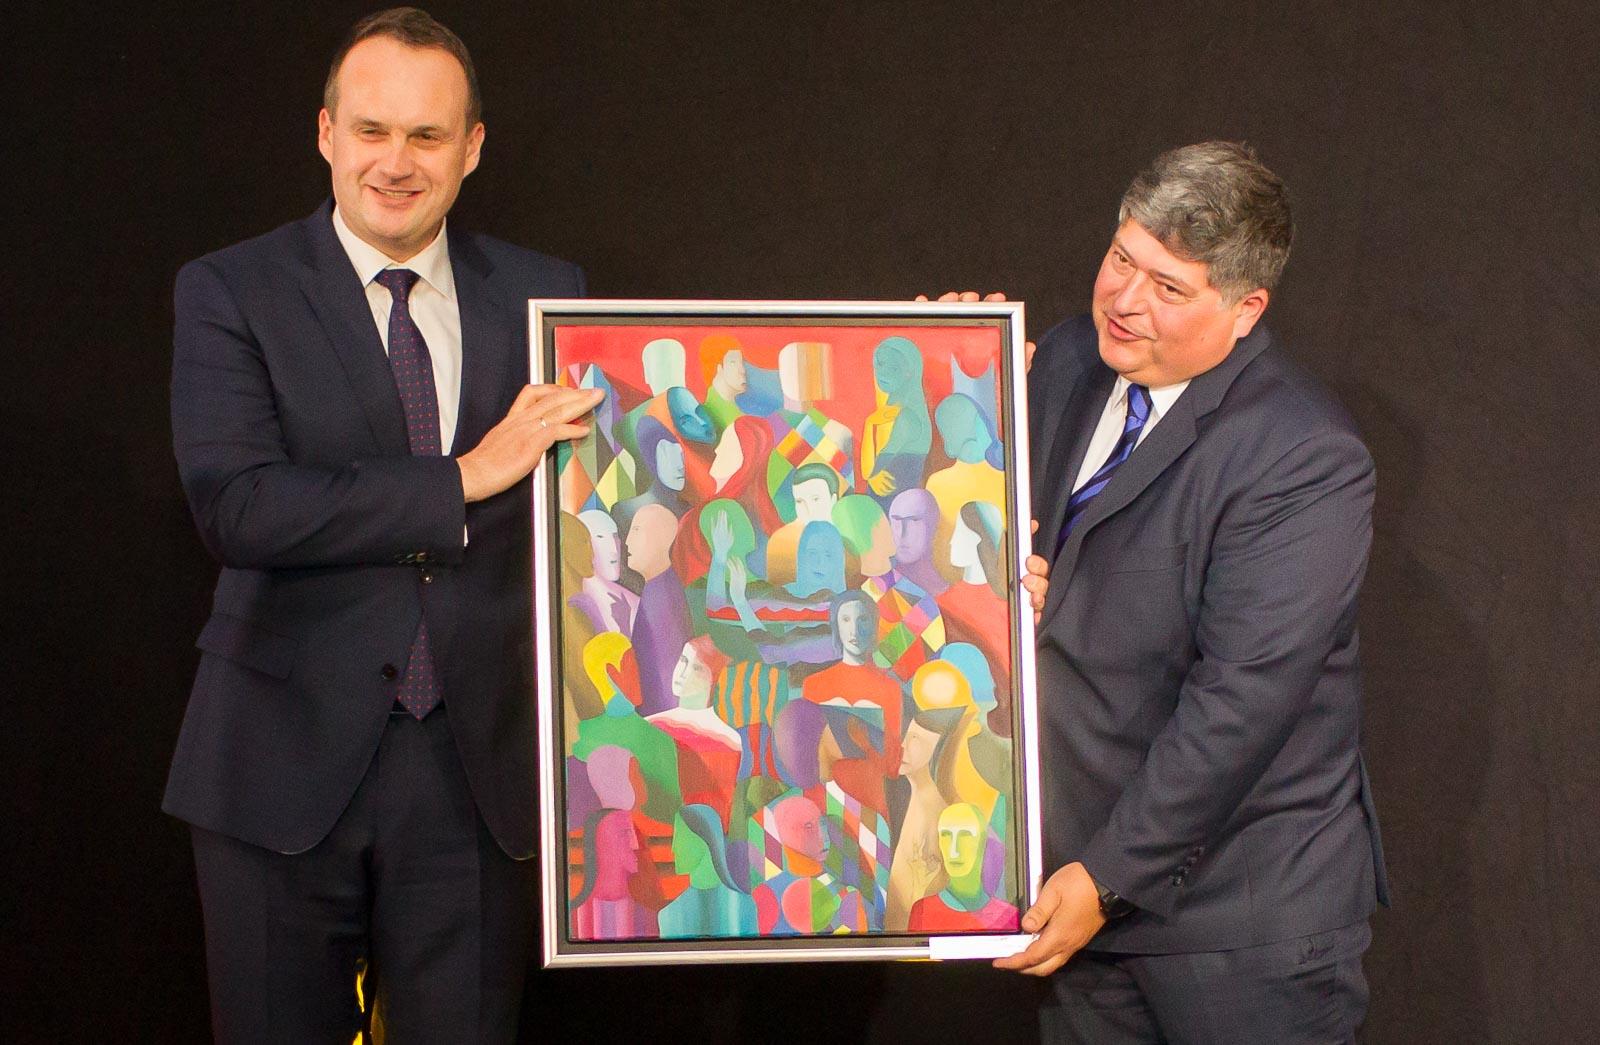 Podczas kongresu brokerzy nagradzają również firmy ubezpieczeniowe za dobrą współpracę. Na zdjęciu Adam Roman (ERGO Hestia) i Łukasz Zoń.